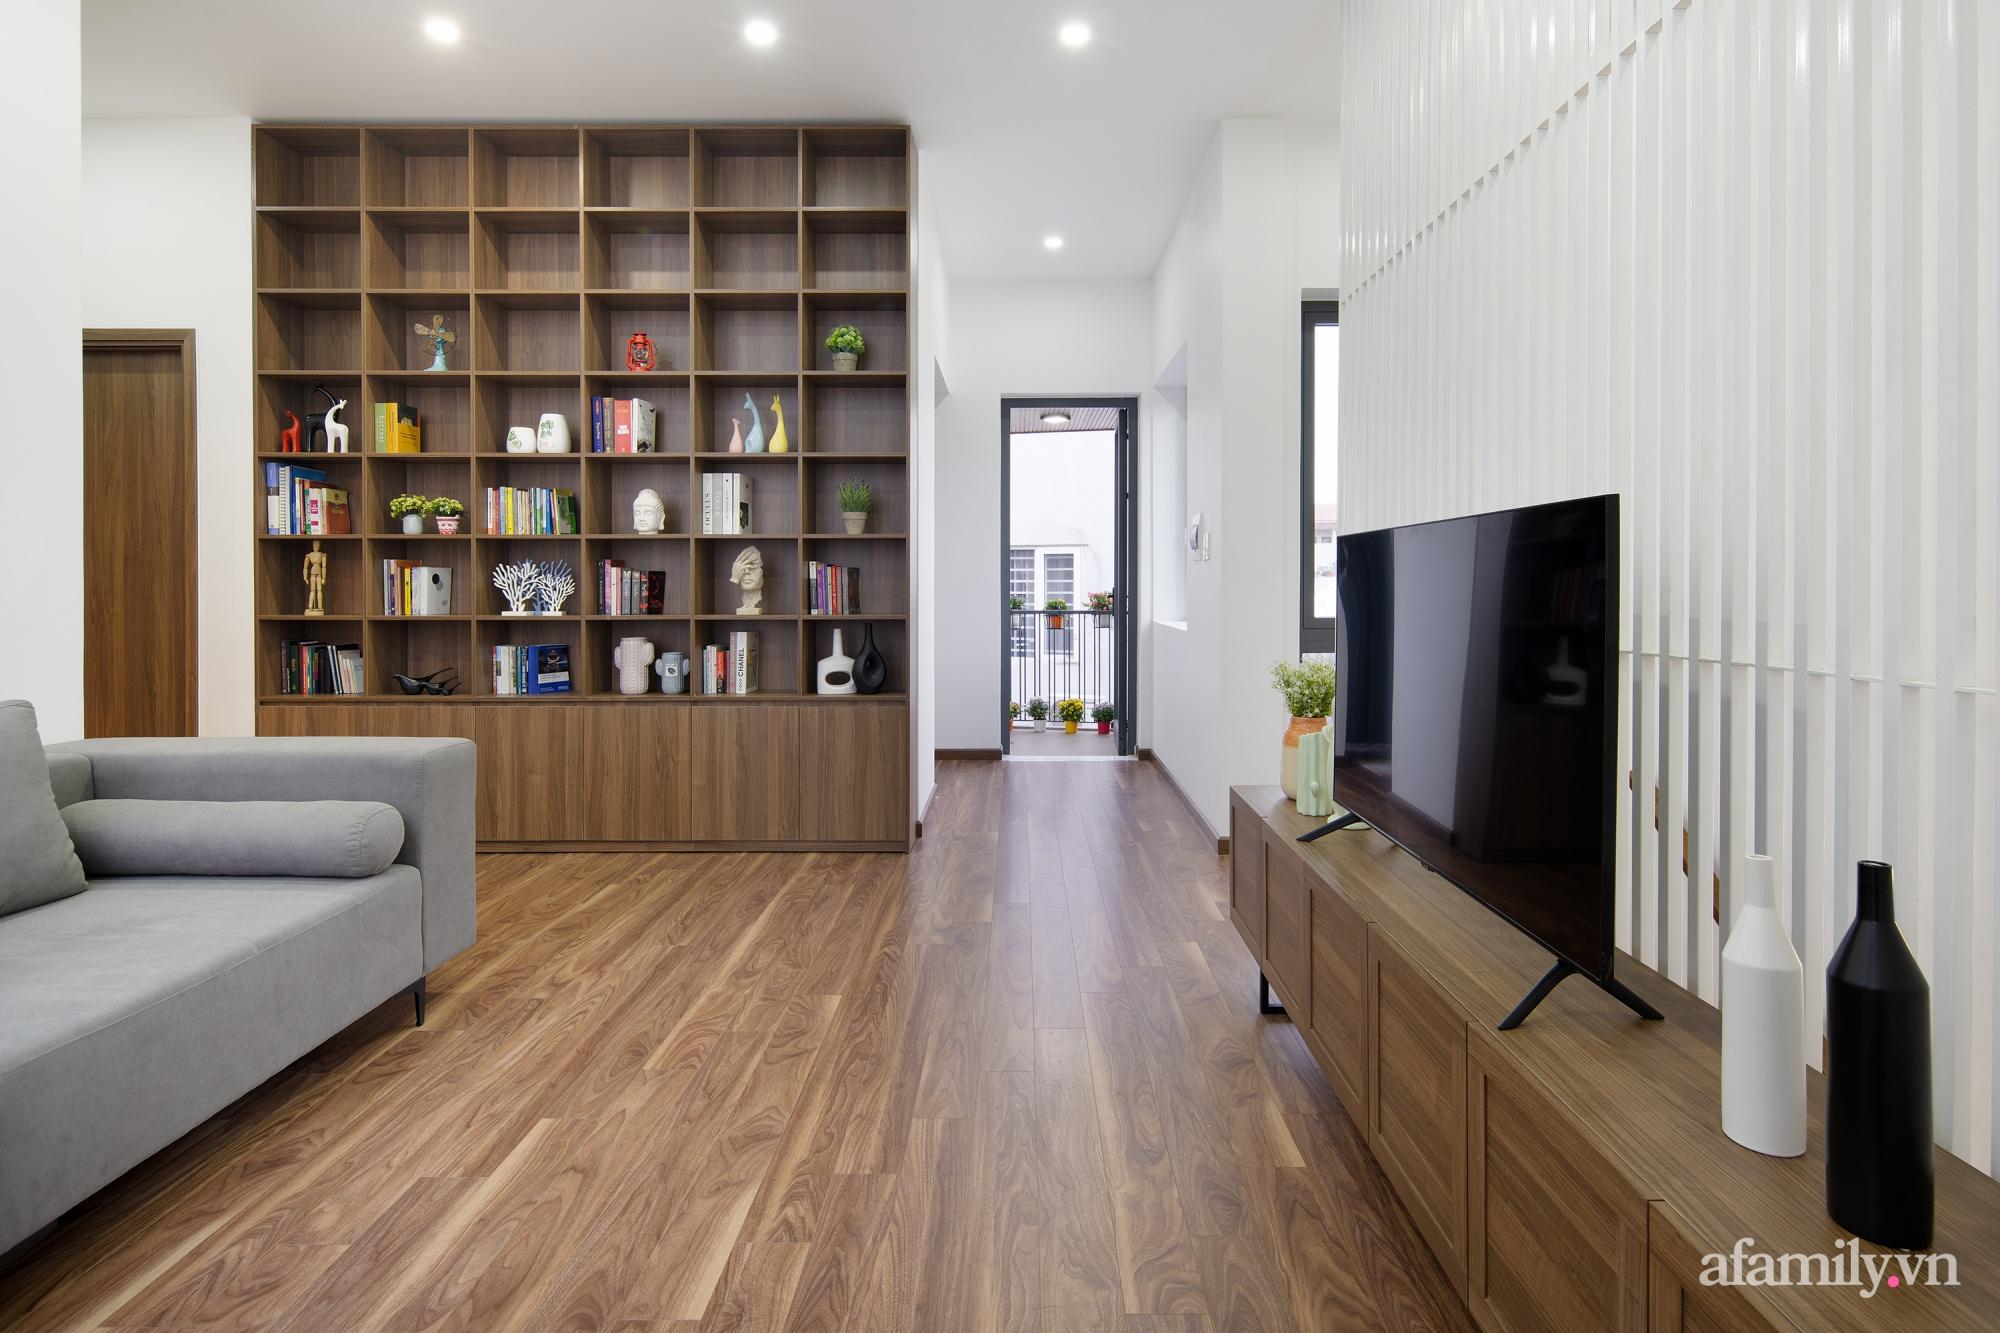 Nhà trong hẻm nhỏ vẫn ngập tràn ánh sáng, duyên dáng với nội thất tối giản ở Đà Nẵng - Ảnh 23.